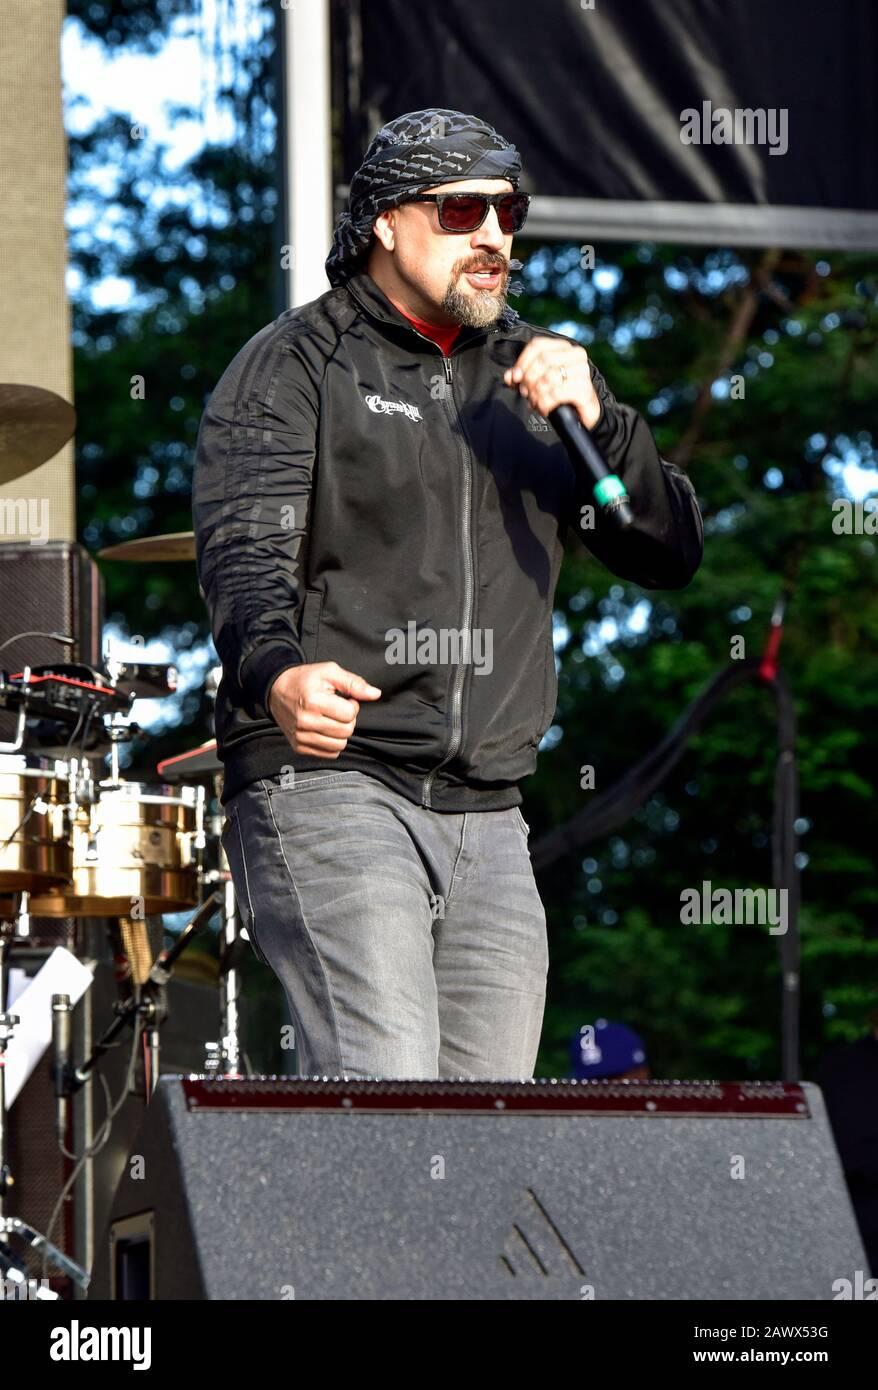 B-Real de Cypress Hill sur scène au Bottlerock Music Festival À Napa, en Californie. Banque D'Images